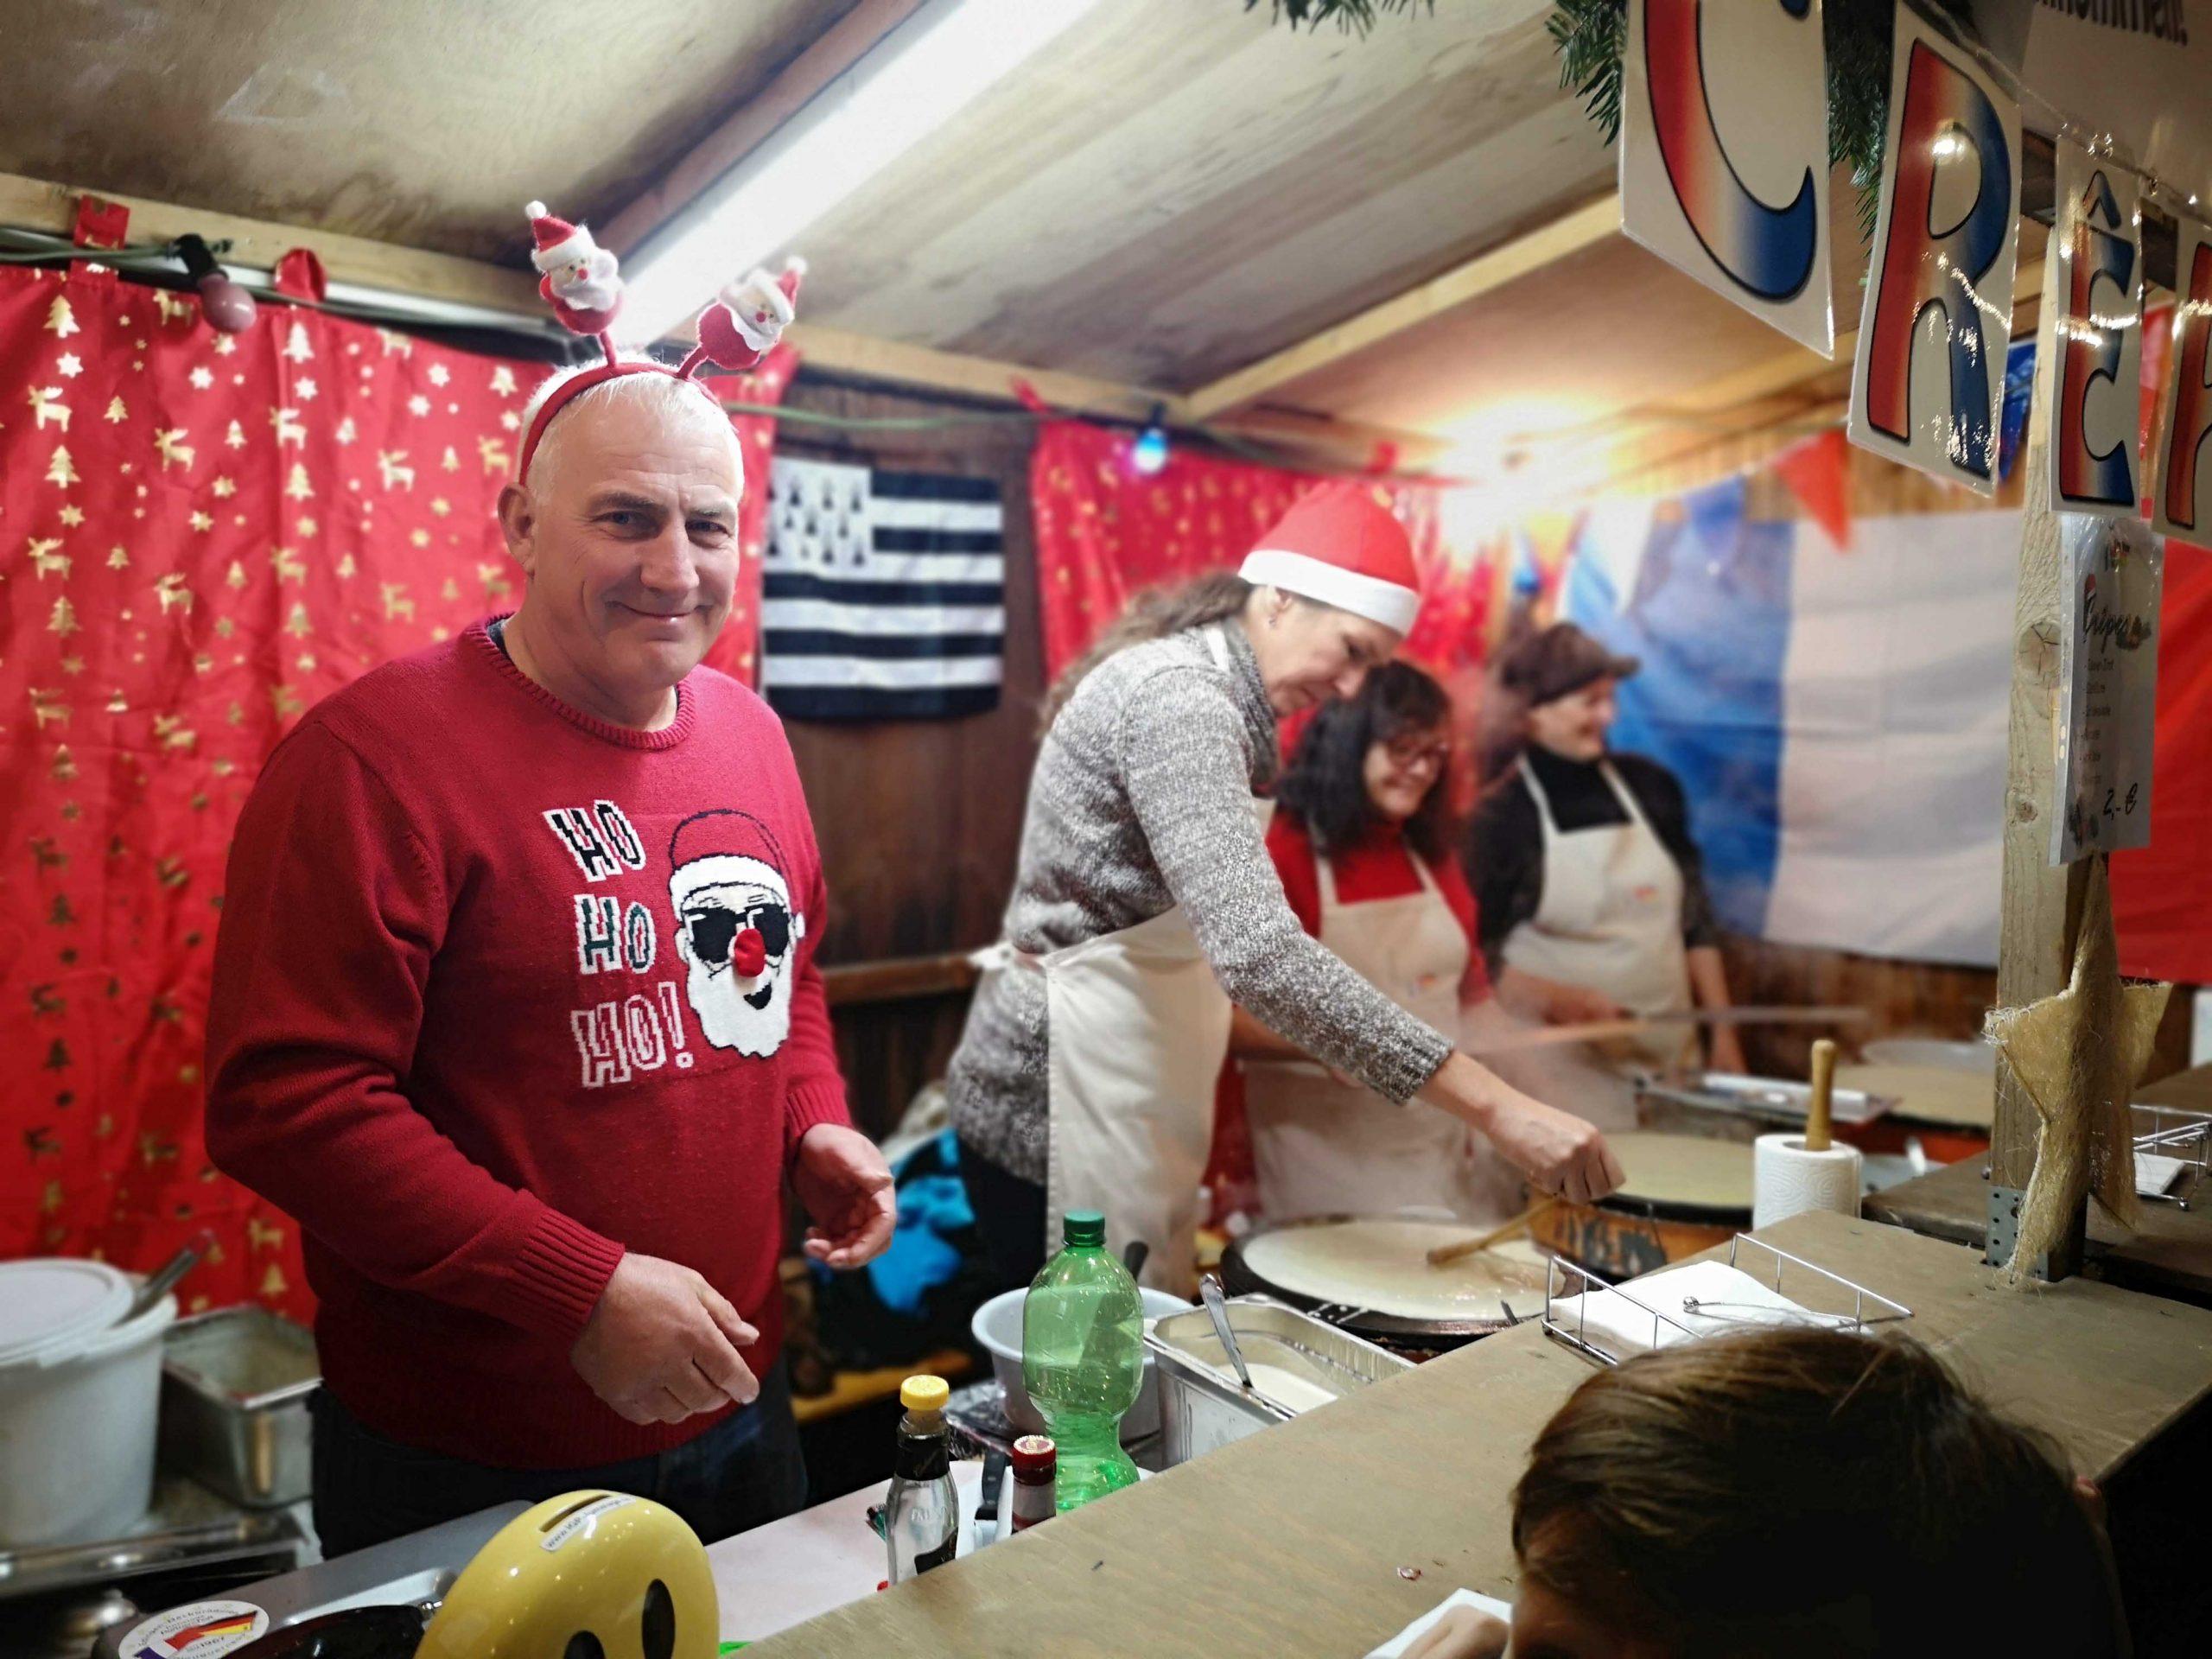 Les membres de l'IGP e.V. préparent les crêpes au marché de Noël des enfants